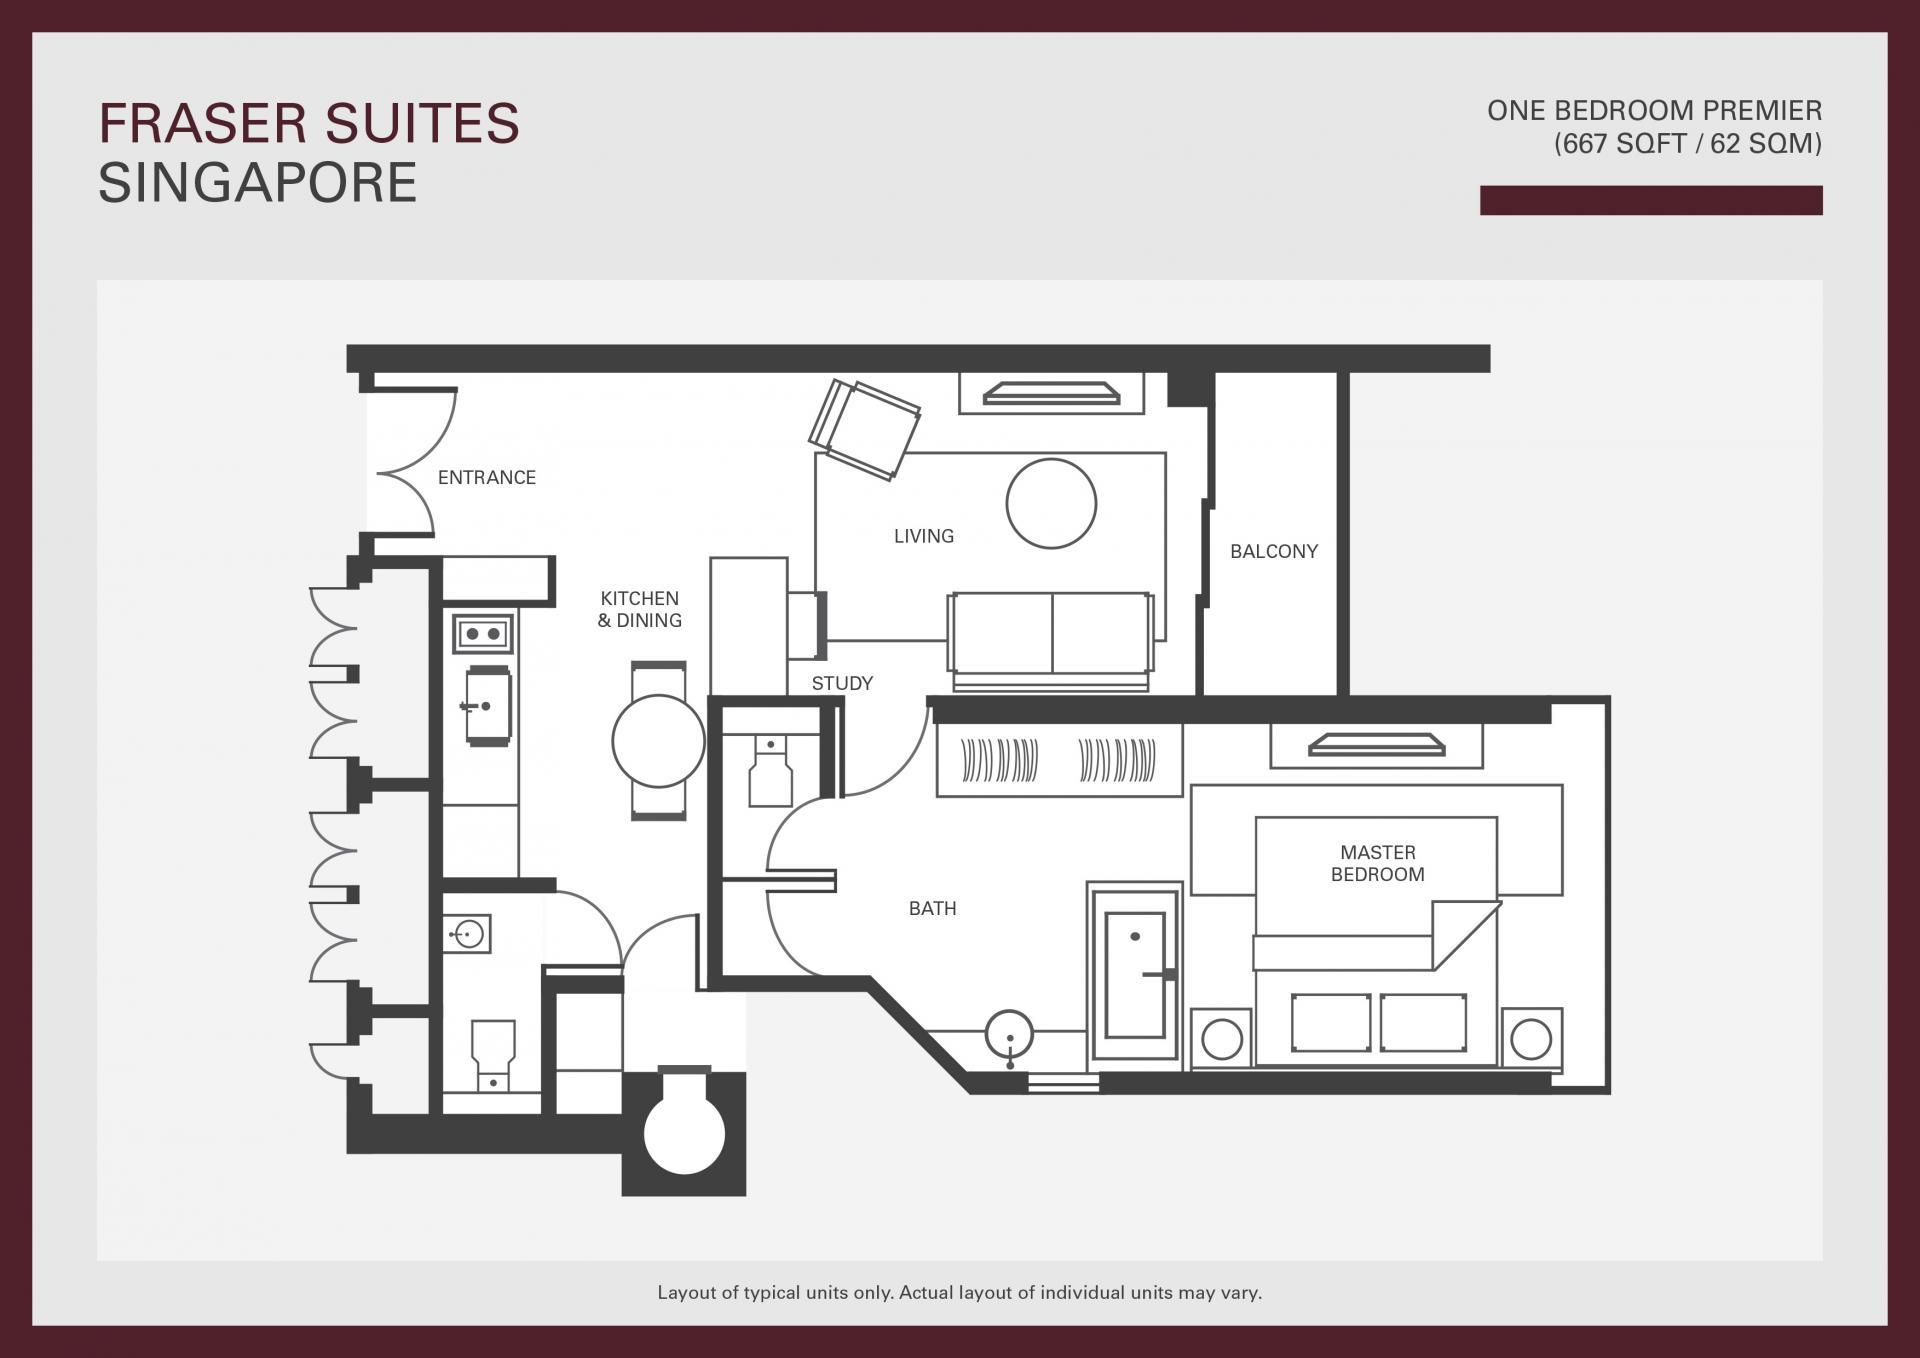 Floorplan 1 at Fraser Suites Singapore